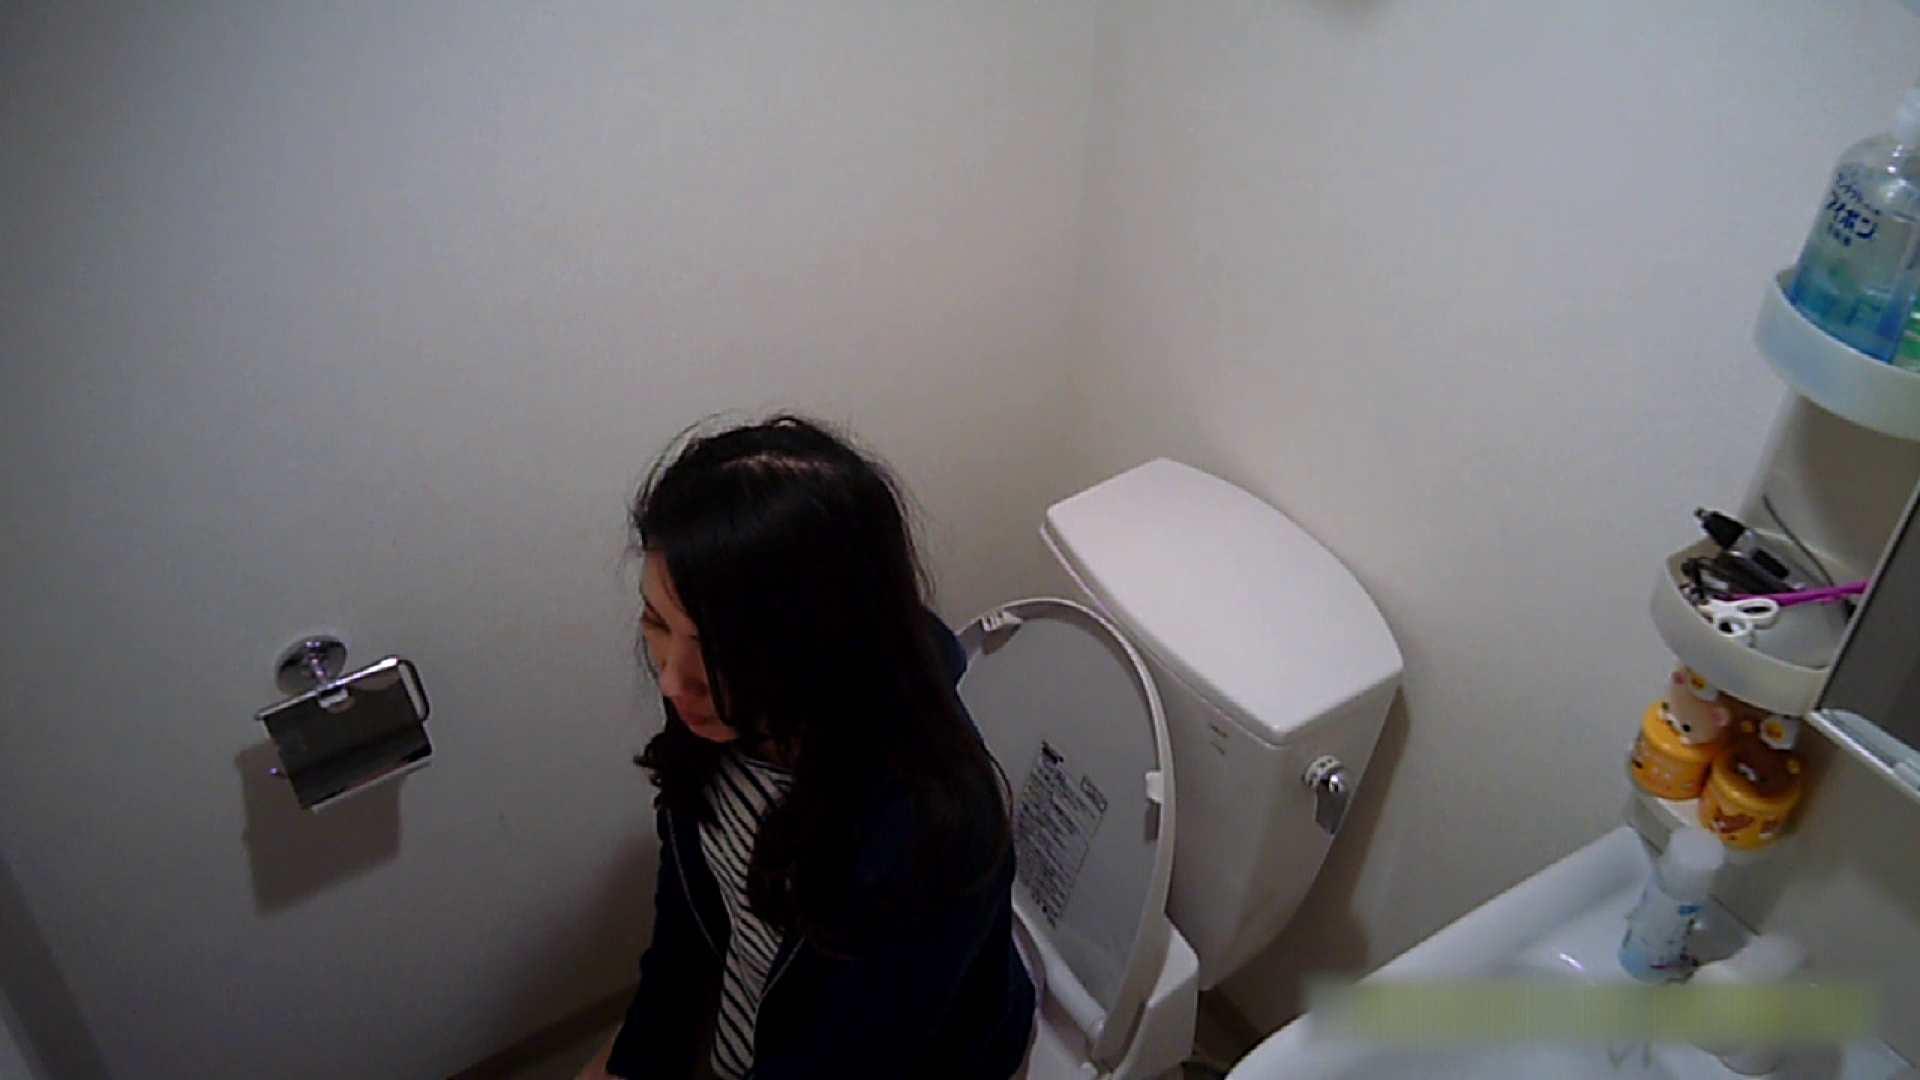 清楚な顔してかなり敏感なE子25歳(仮名)Vol.04 トイレ編 洗面所 | お姉さん攻略  62画像 45